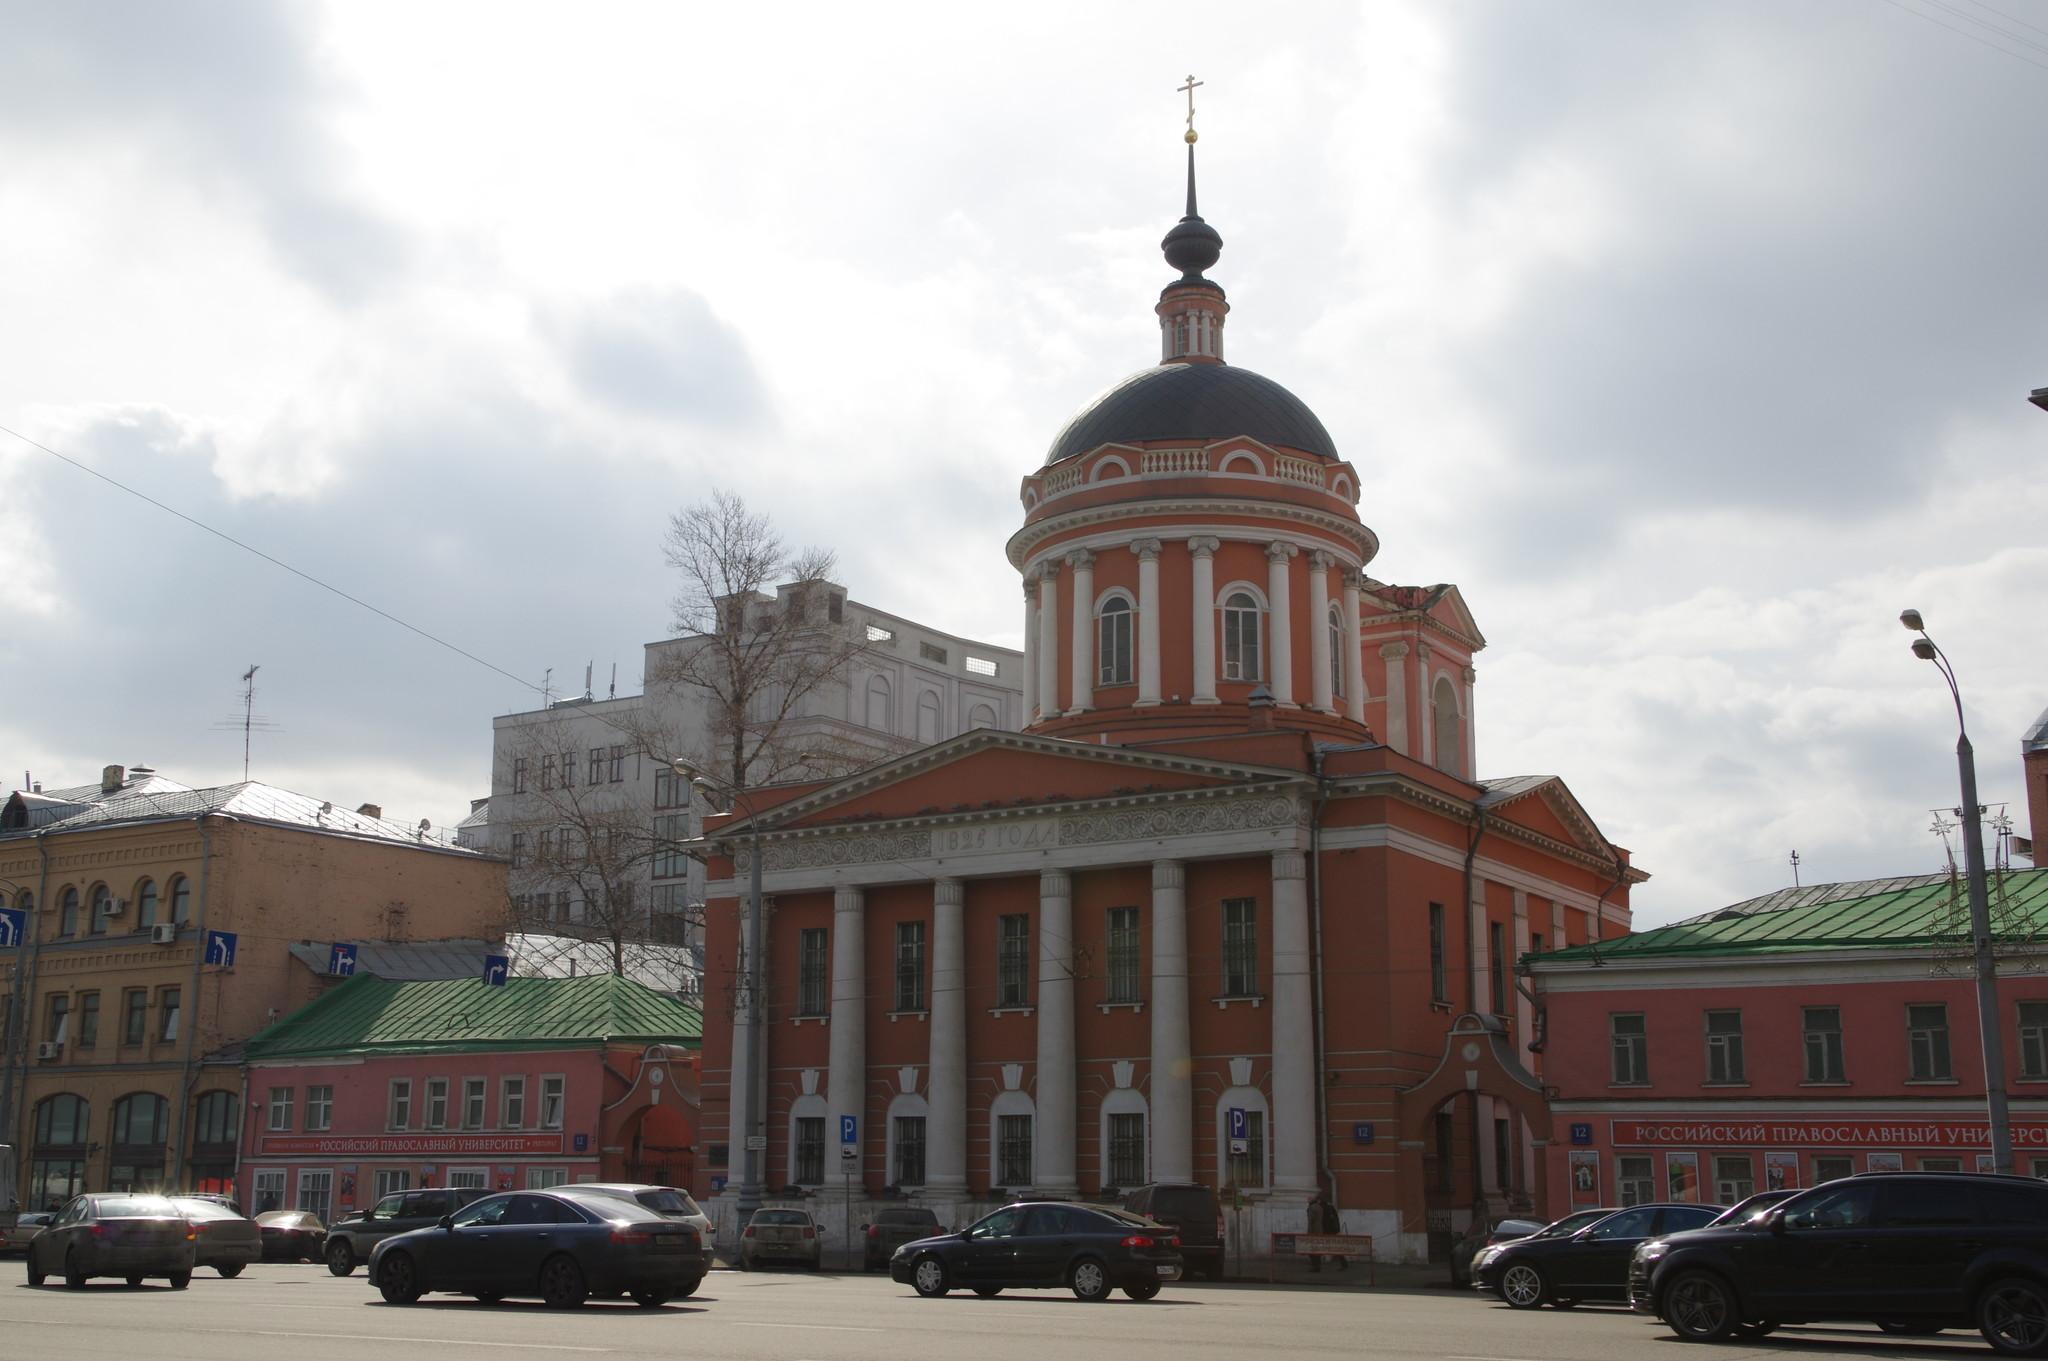 Церковь Святого Апостола Иоанна Богослова под Вязом (Новая площадь, дом 12, строение 2)